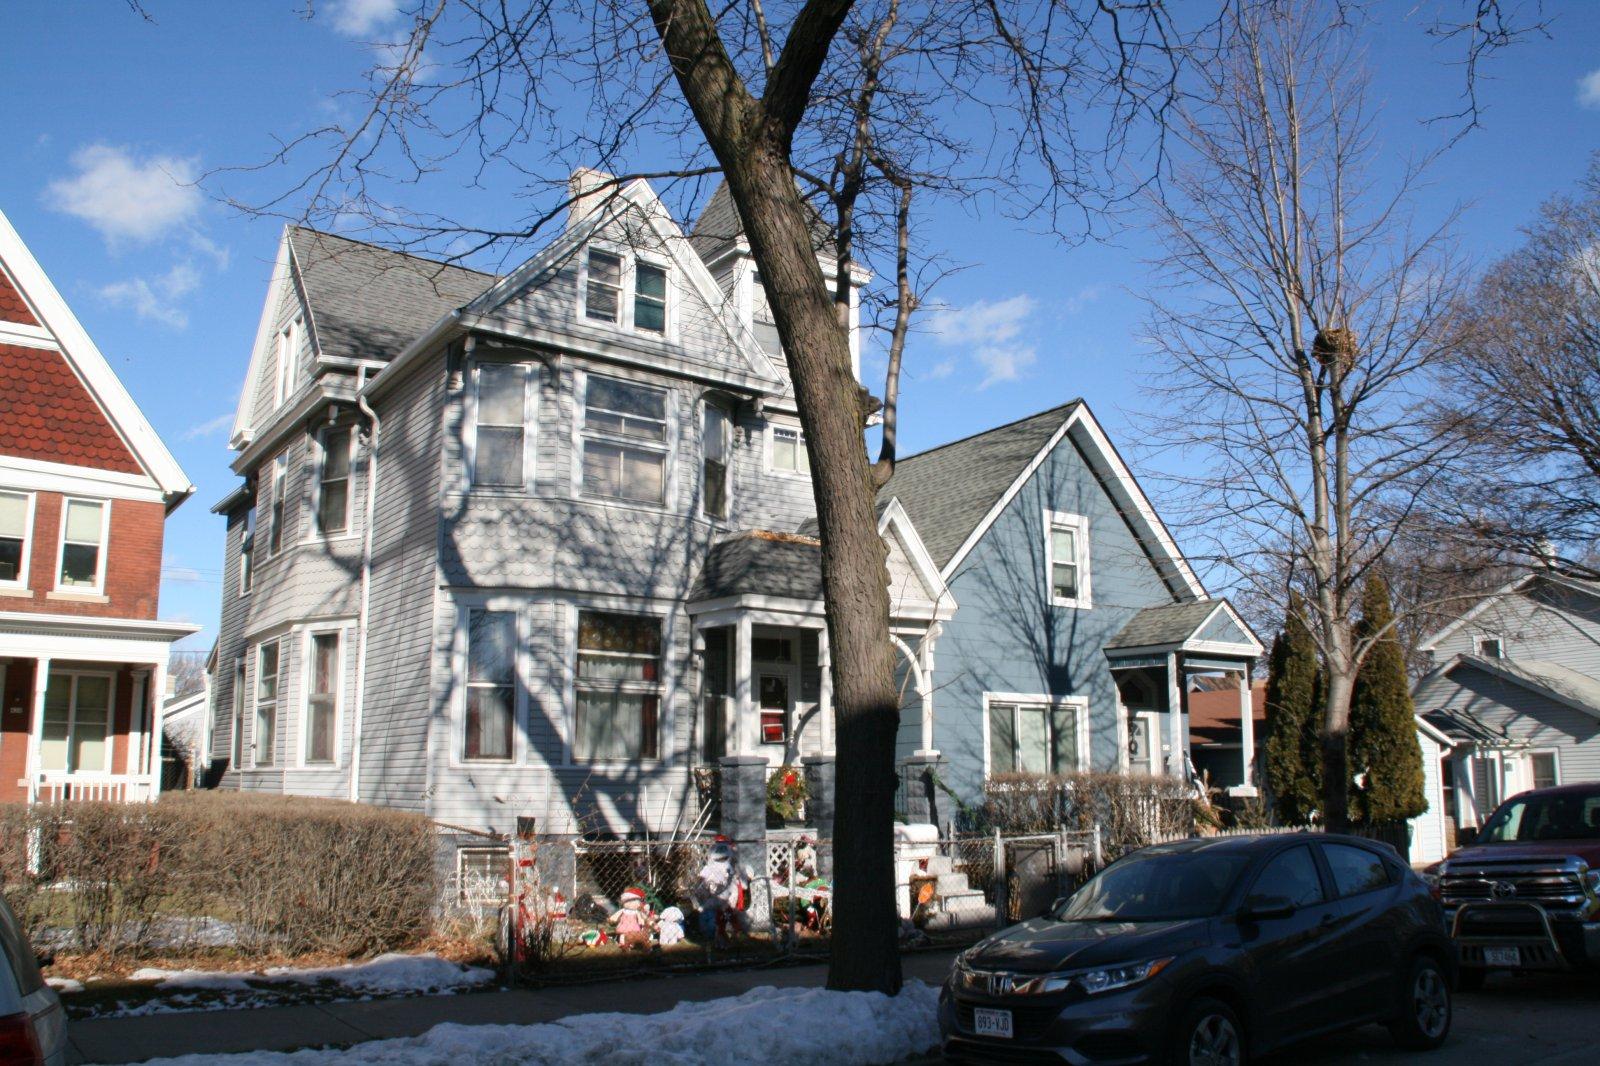 416 W. Scott St. and 414 W. Scott St.